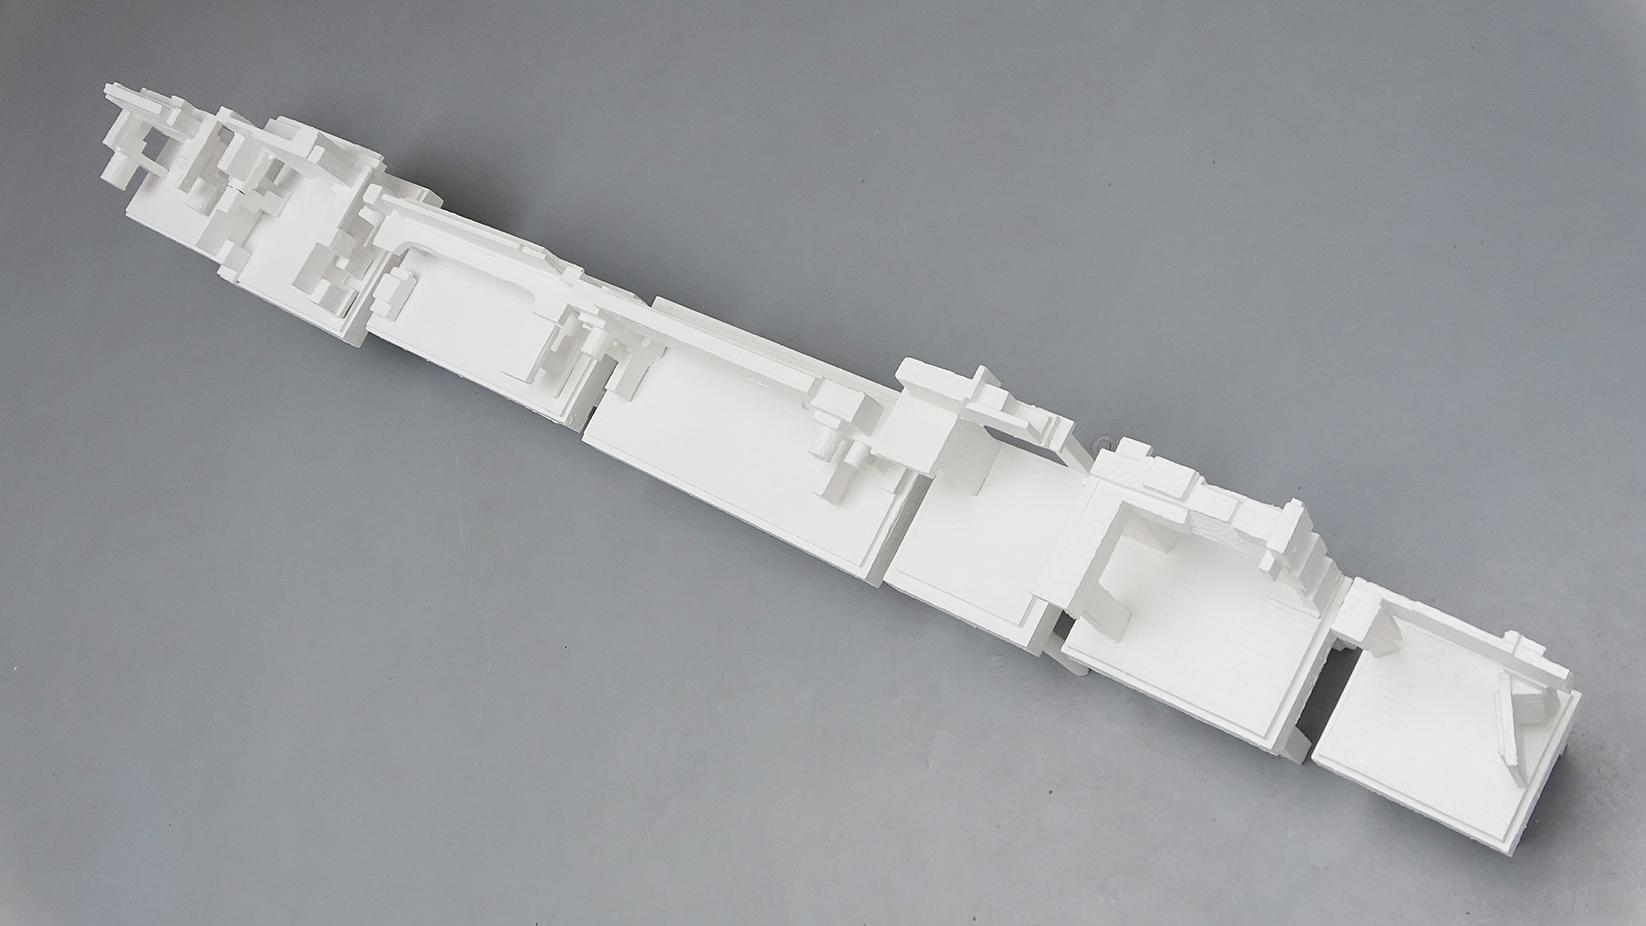 New models, Denis ColletPark, 2015, bois, peinture, dimensions variable selon installation — Galerie Éric Hussenot, Paris